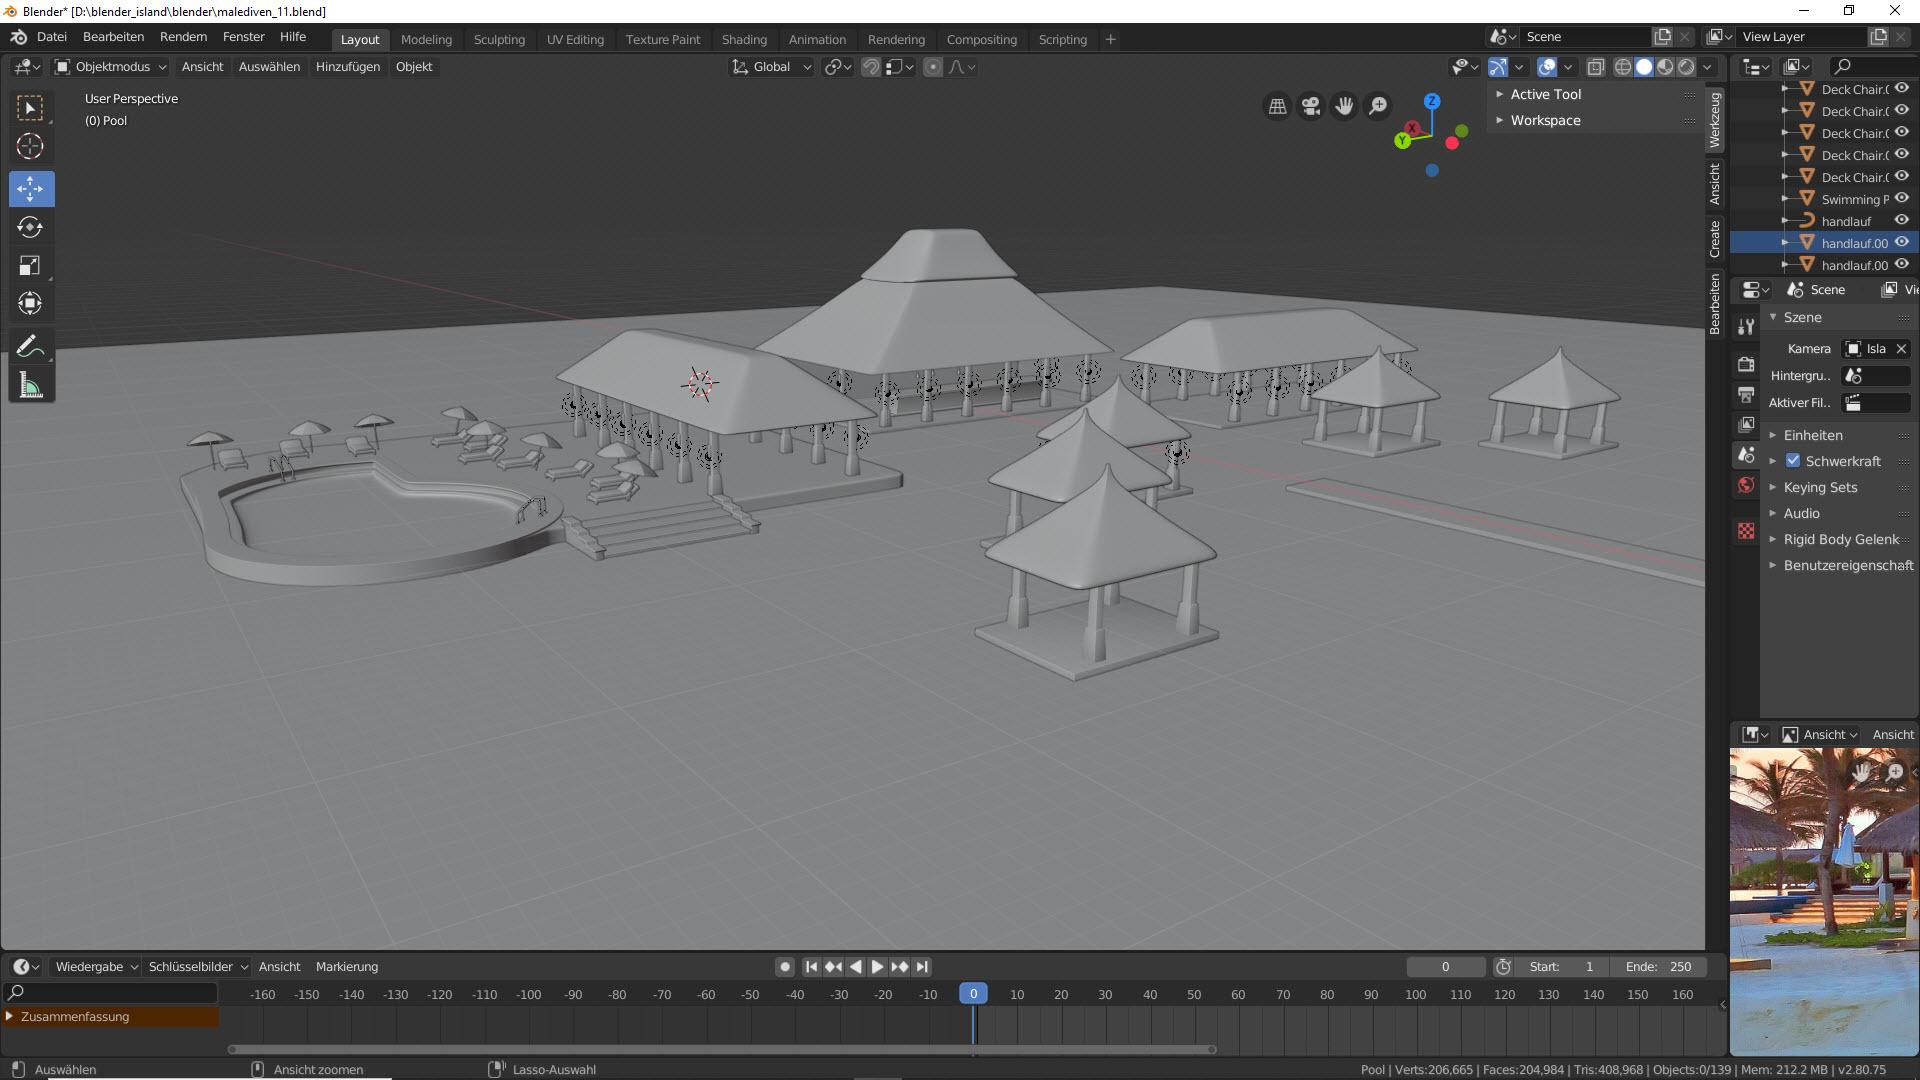 Malediven in 3D modellieren